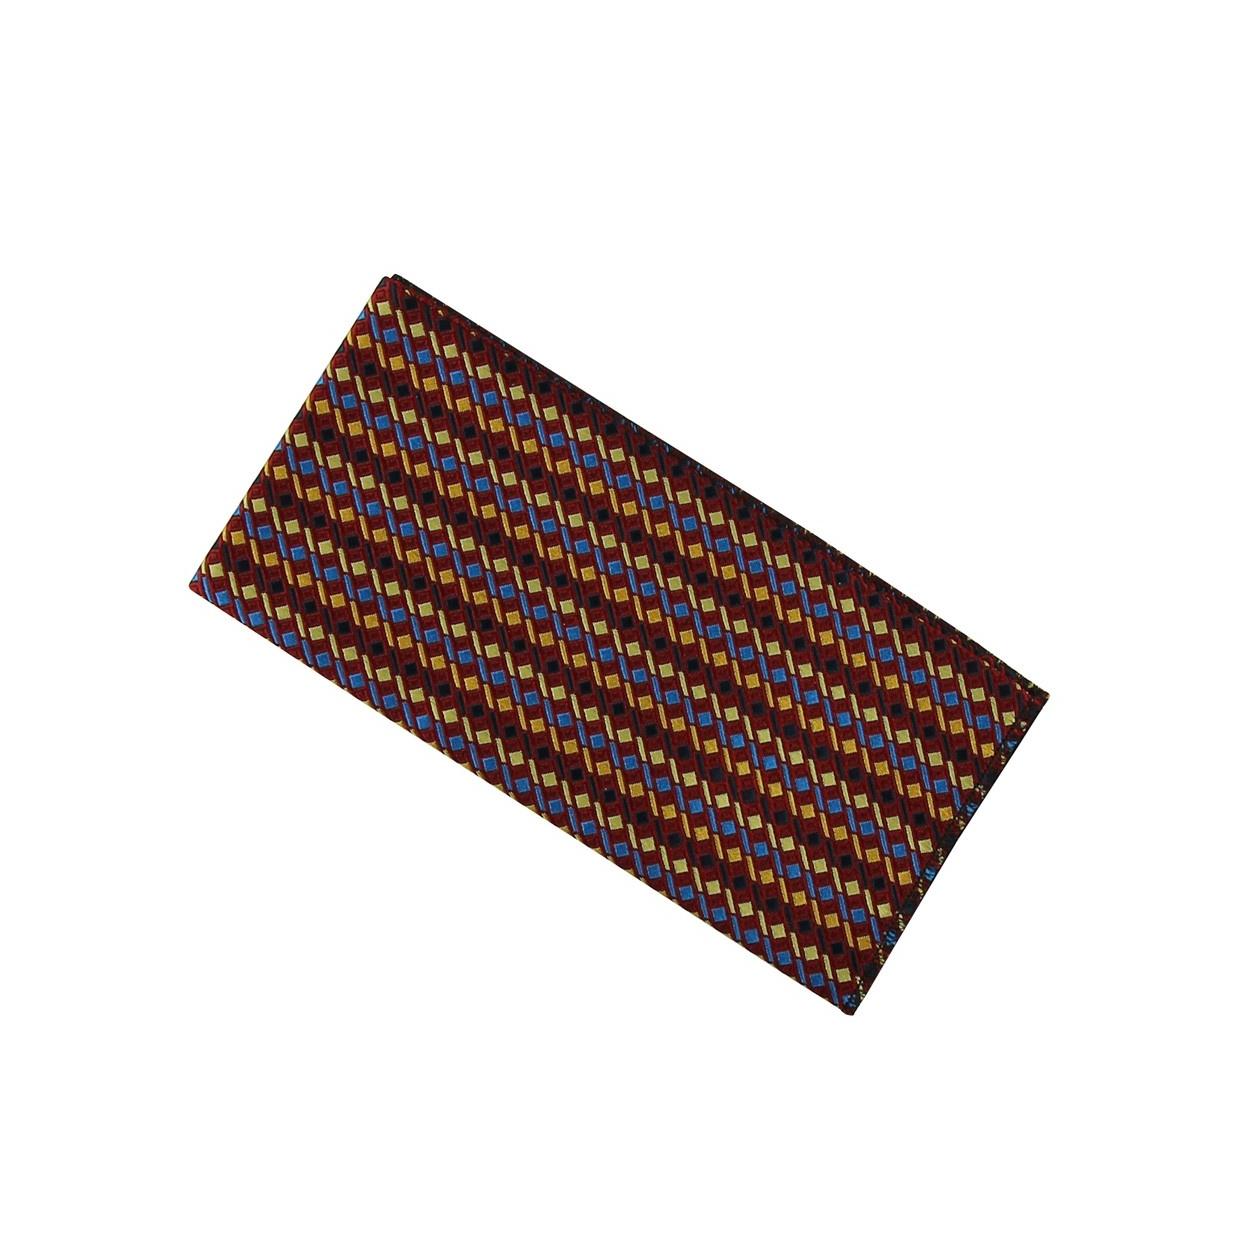 Vínově červený pánský kapesníček do saka s modro žlutým vzorem